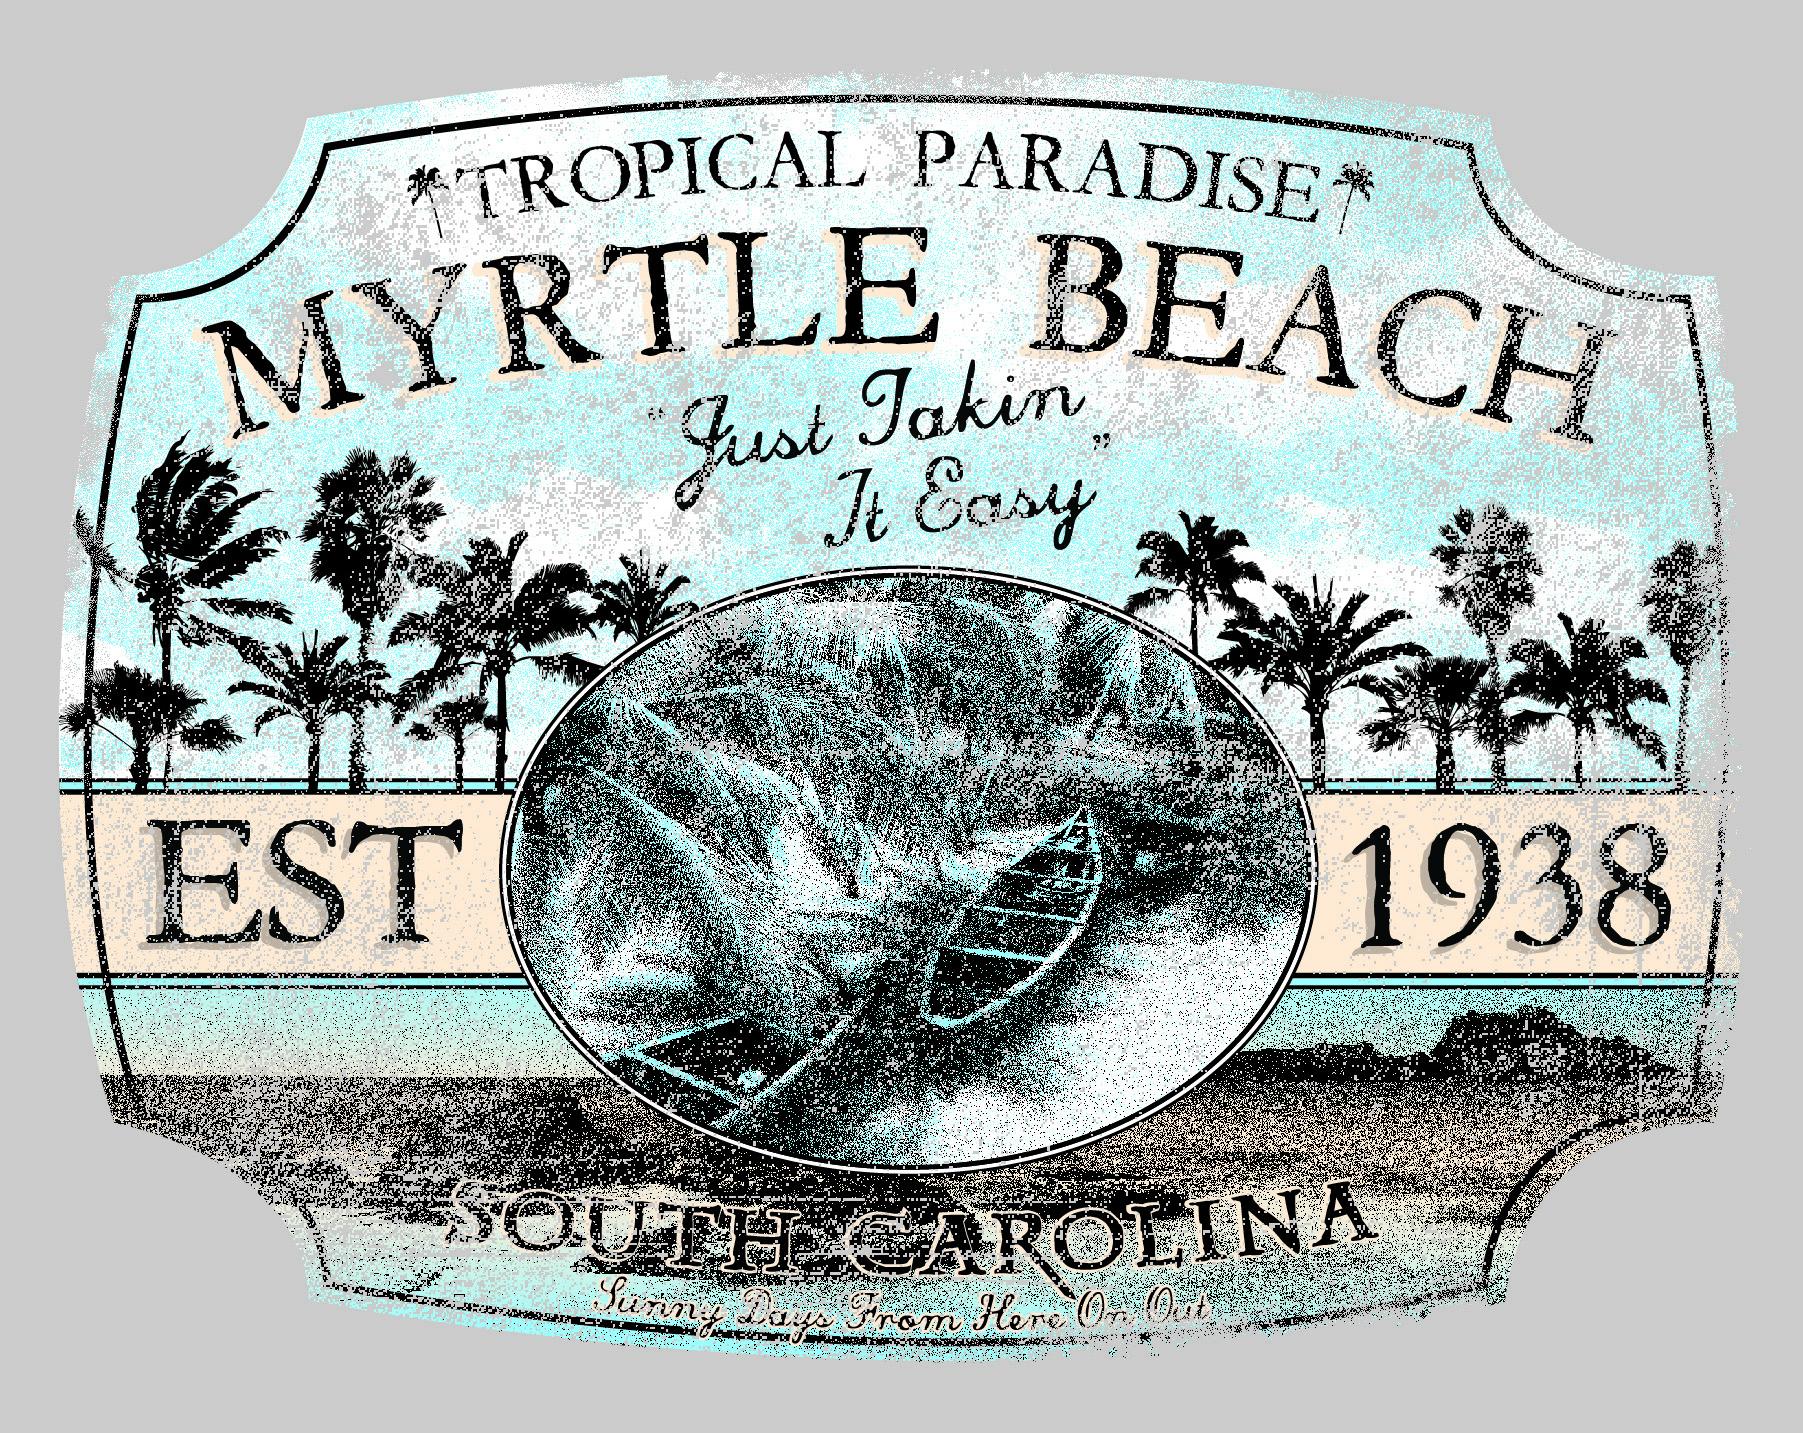 MYRTLE BEACH 33 page.jpg